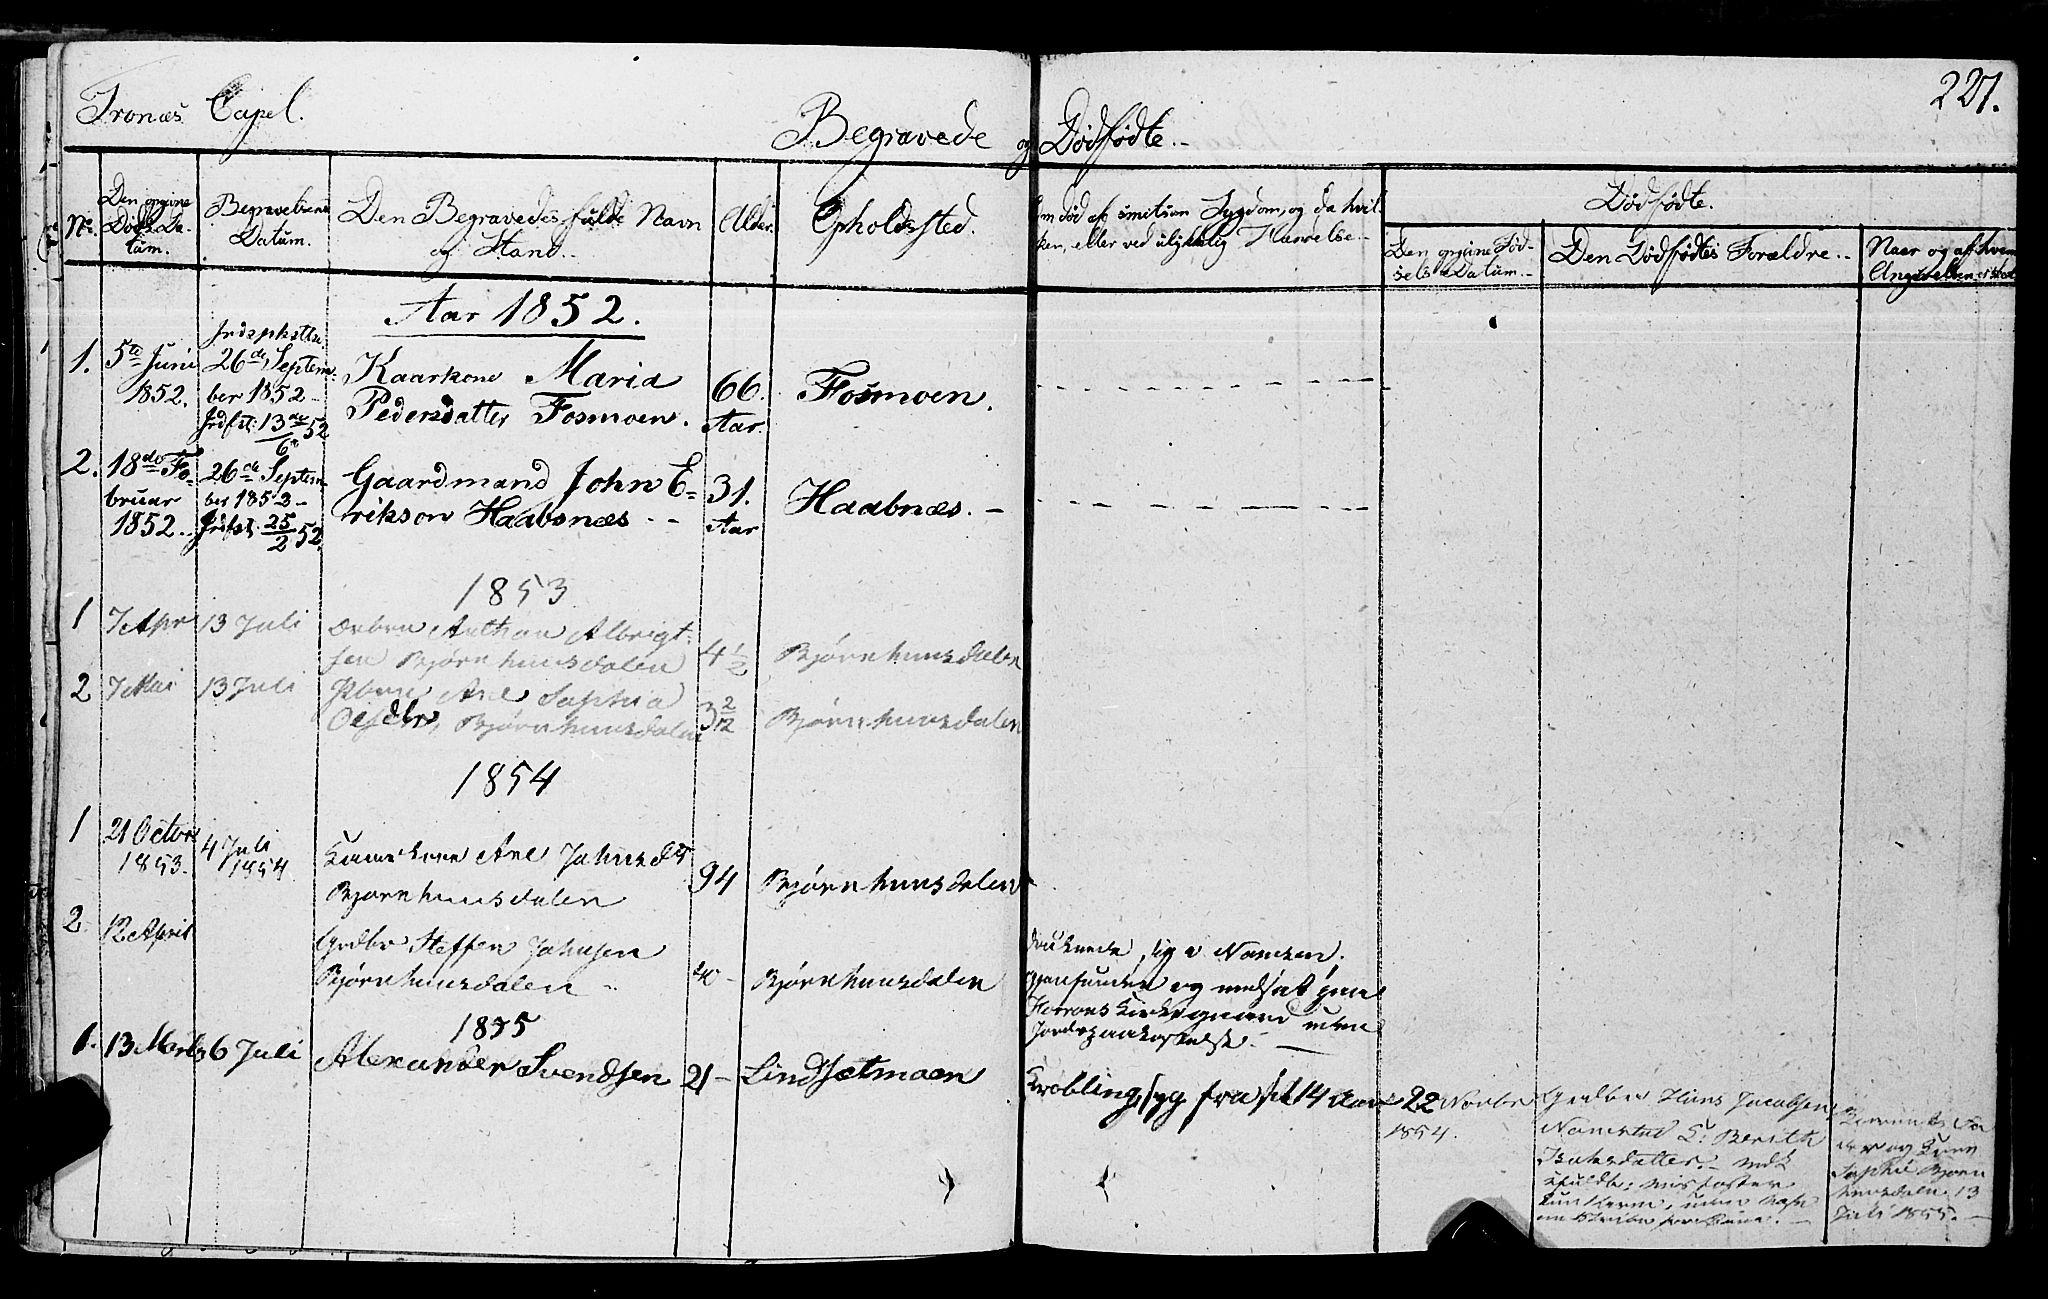 SAT, Ministerialprotokoller, klokkerbøker og fødselsregistre - Nord-Trøndelag, 762/L0538: Ministerialbok nr. 762A02 /2, 1833-1879, s. 227